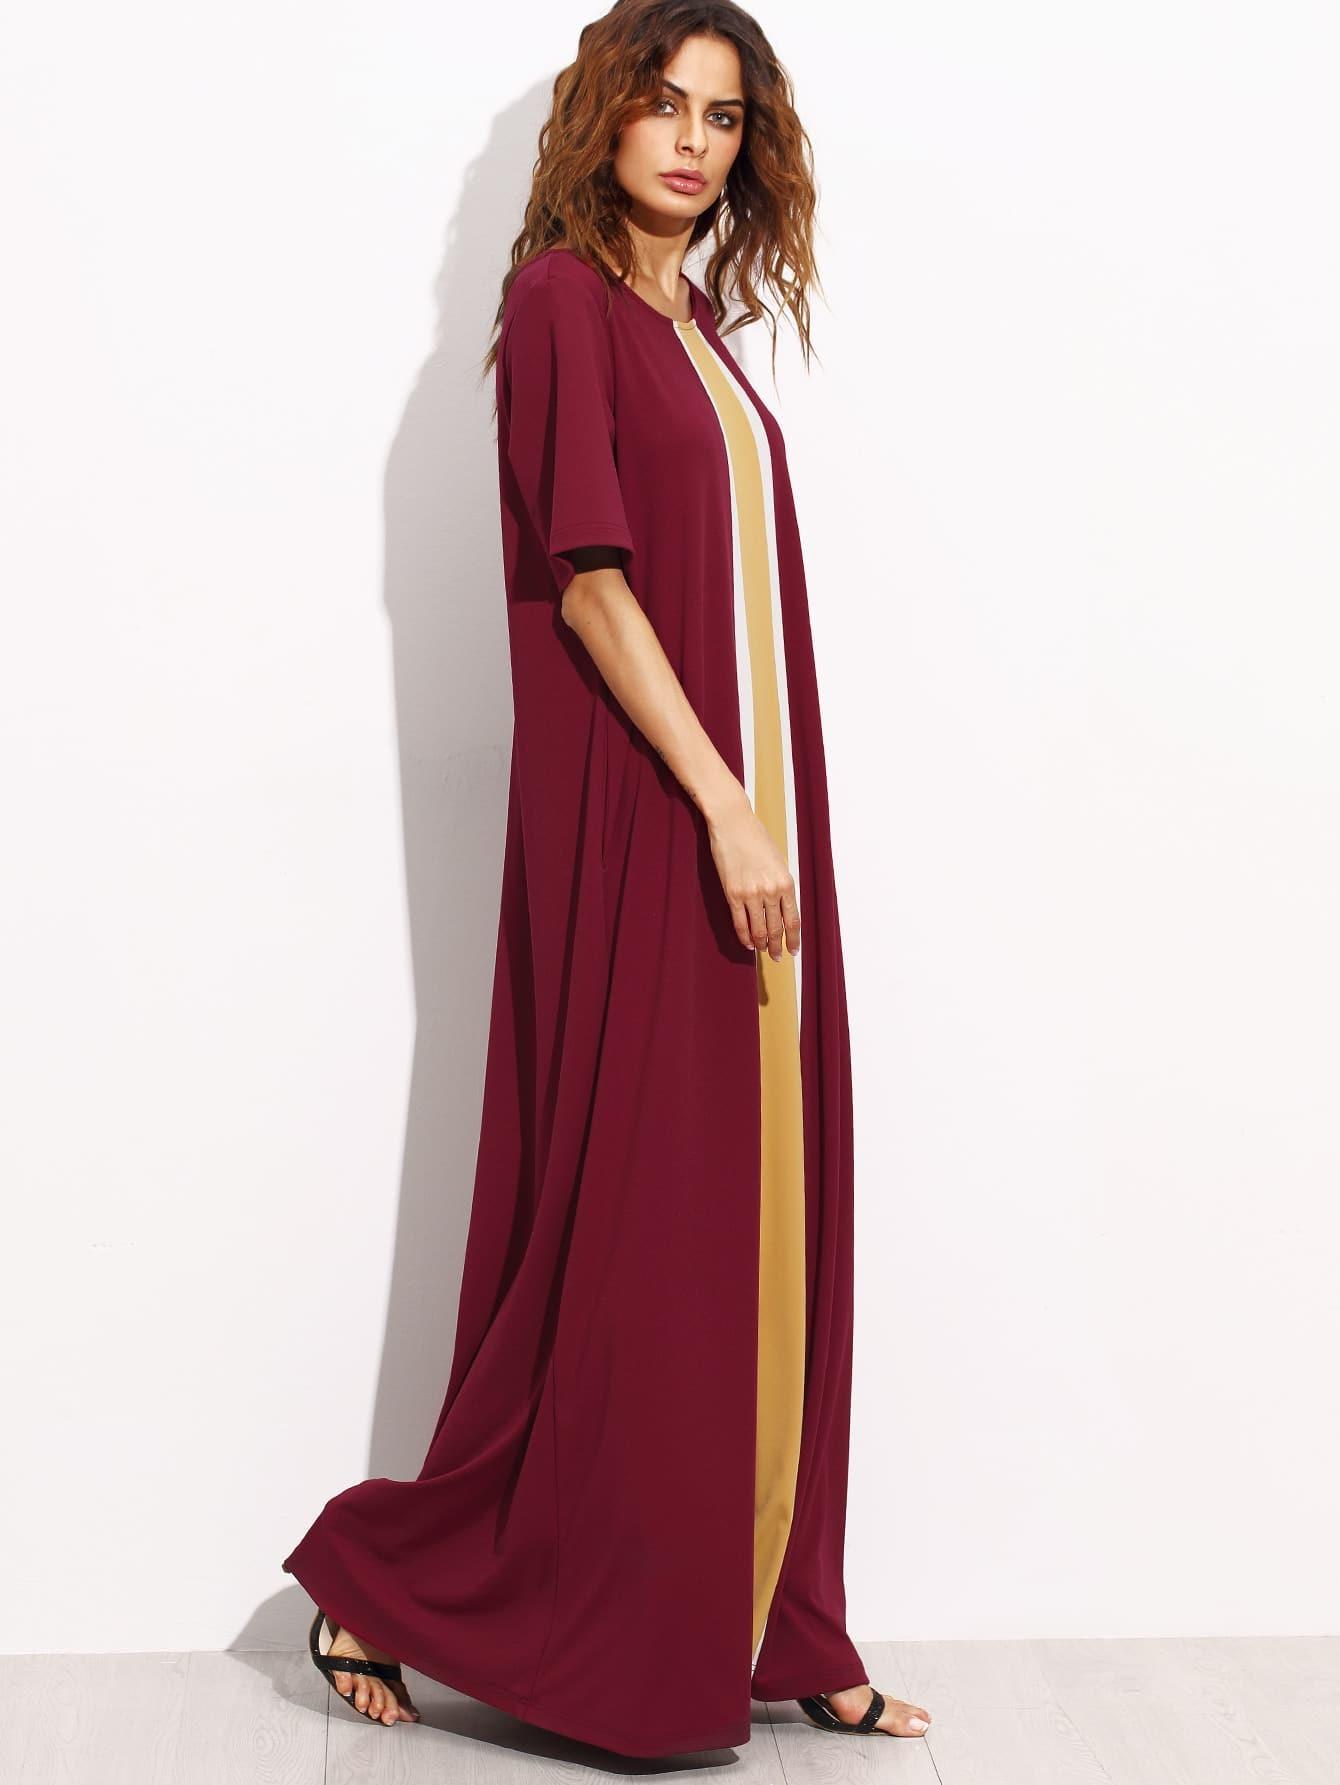 dress160809701_2